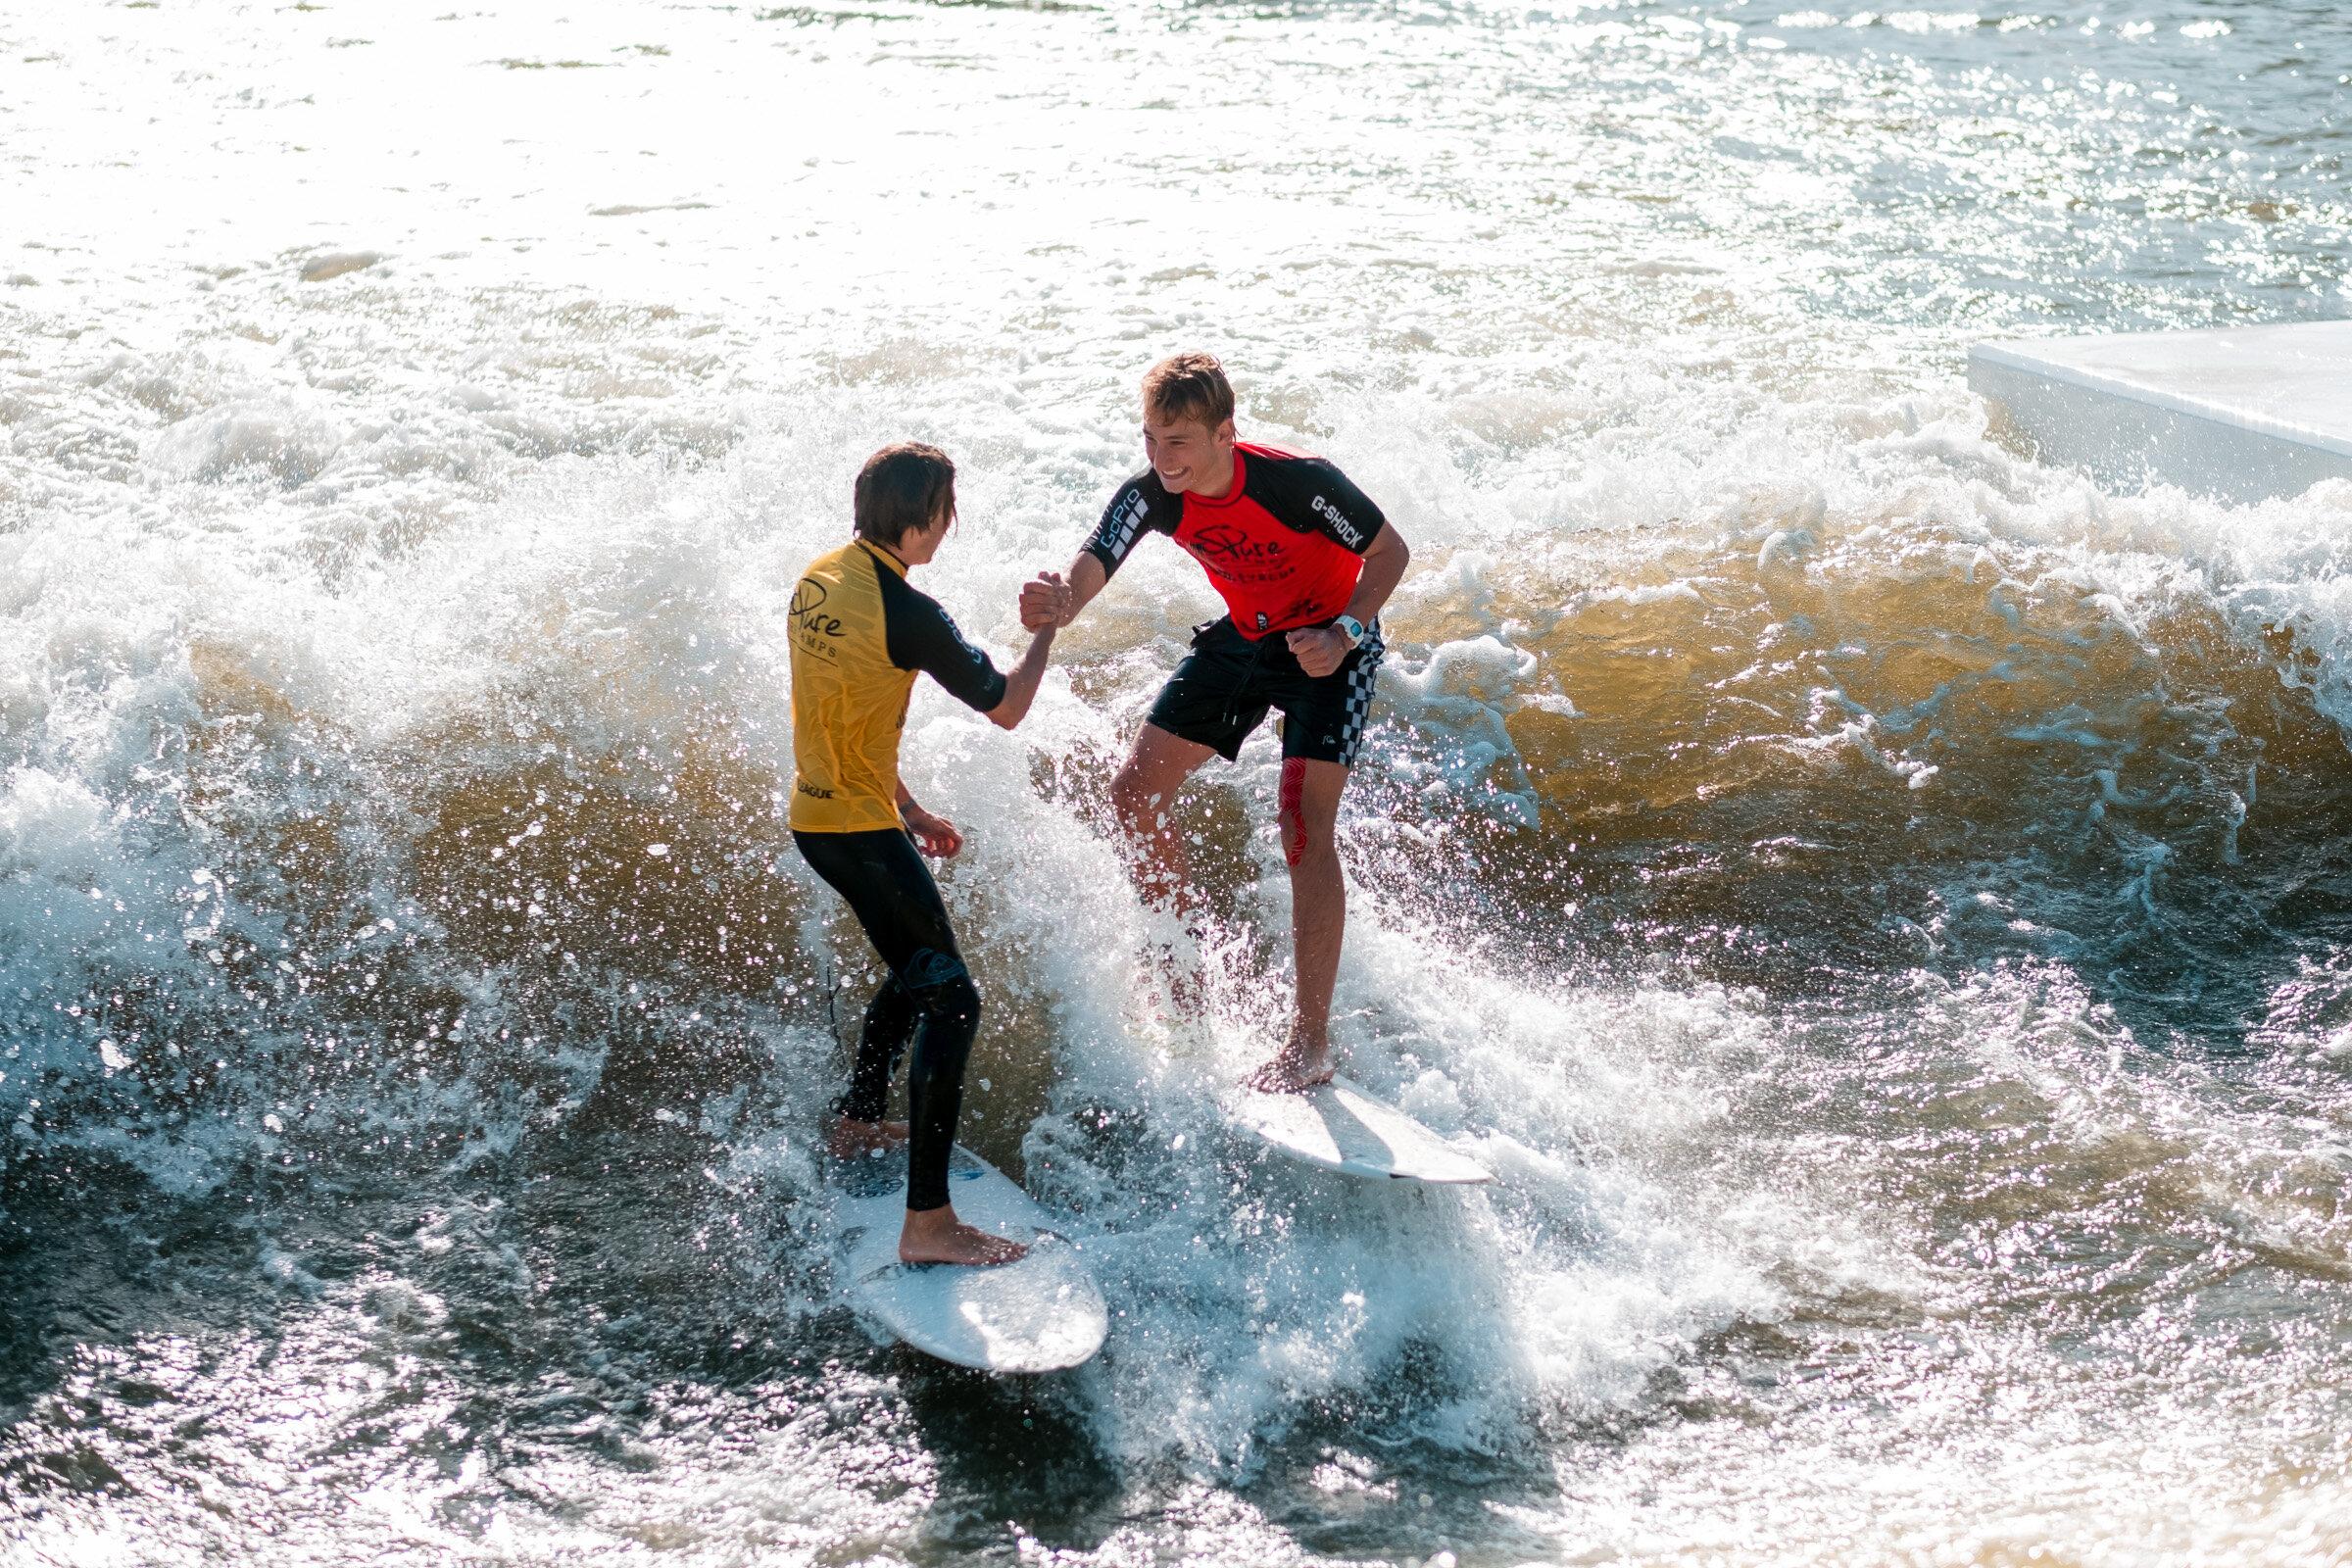 rapid-surf-contest-derKristof-253.jpg